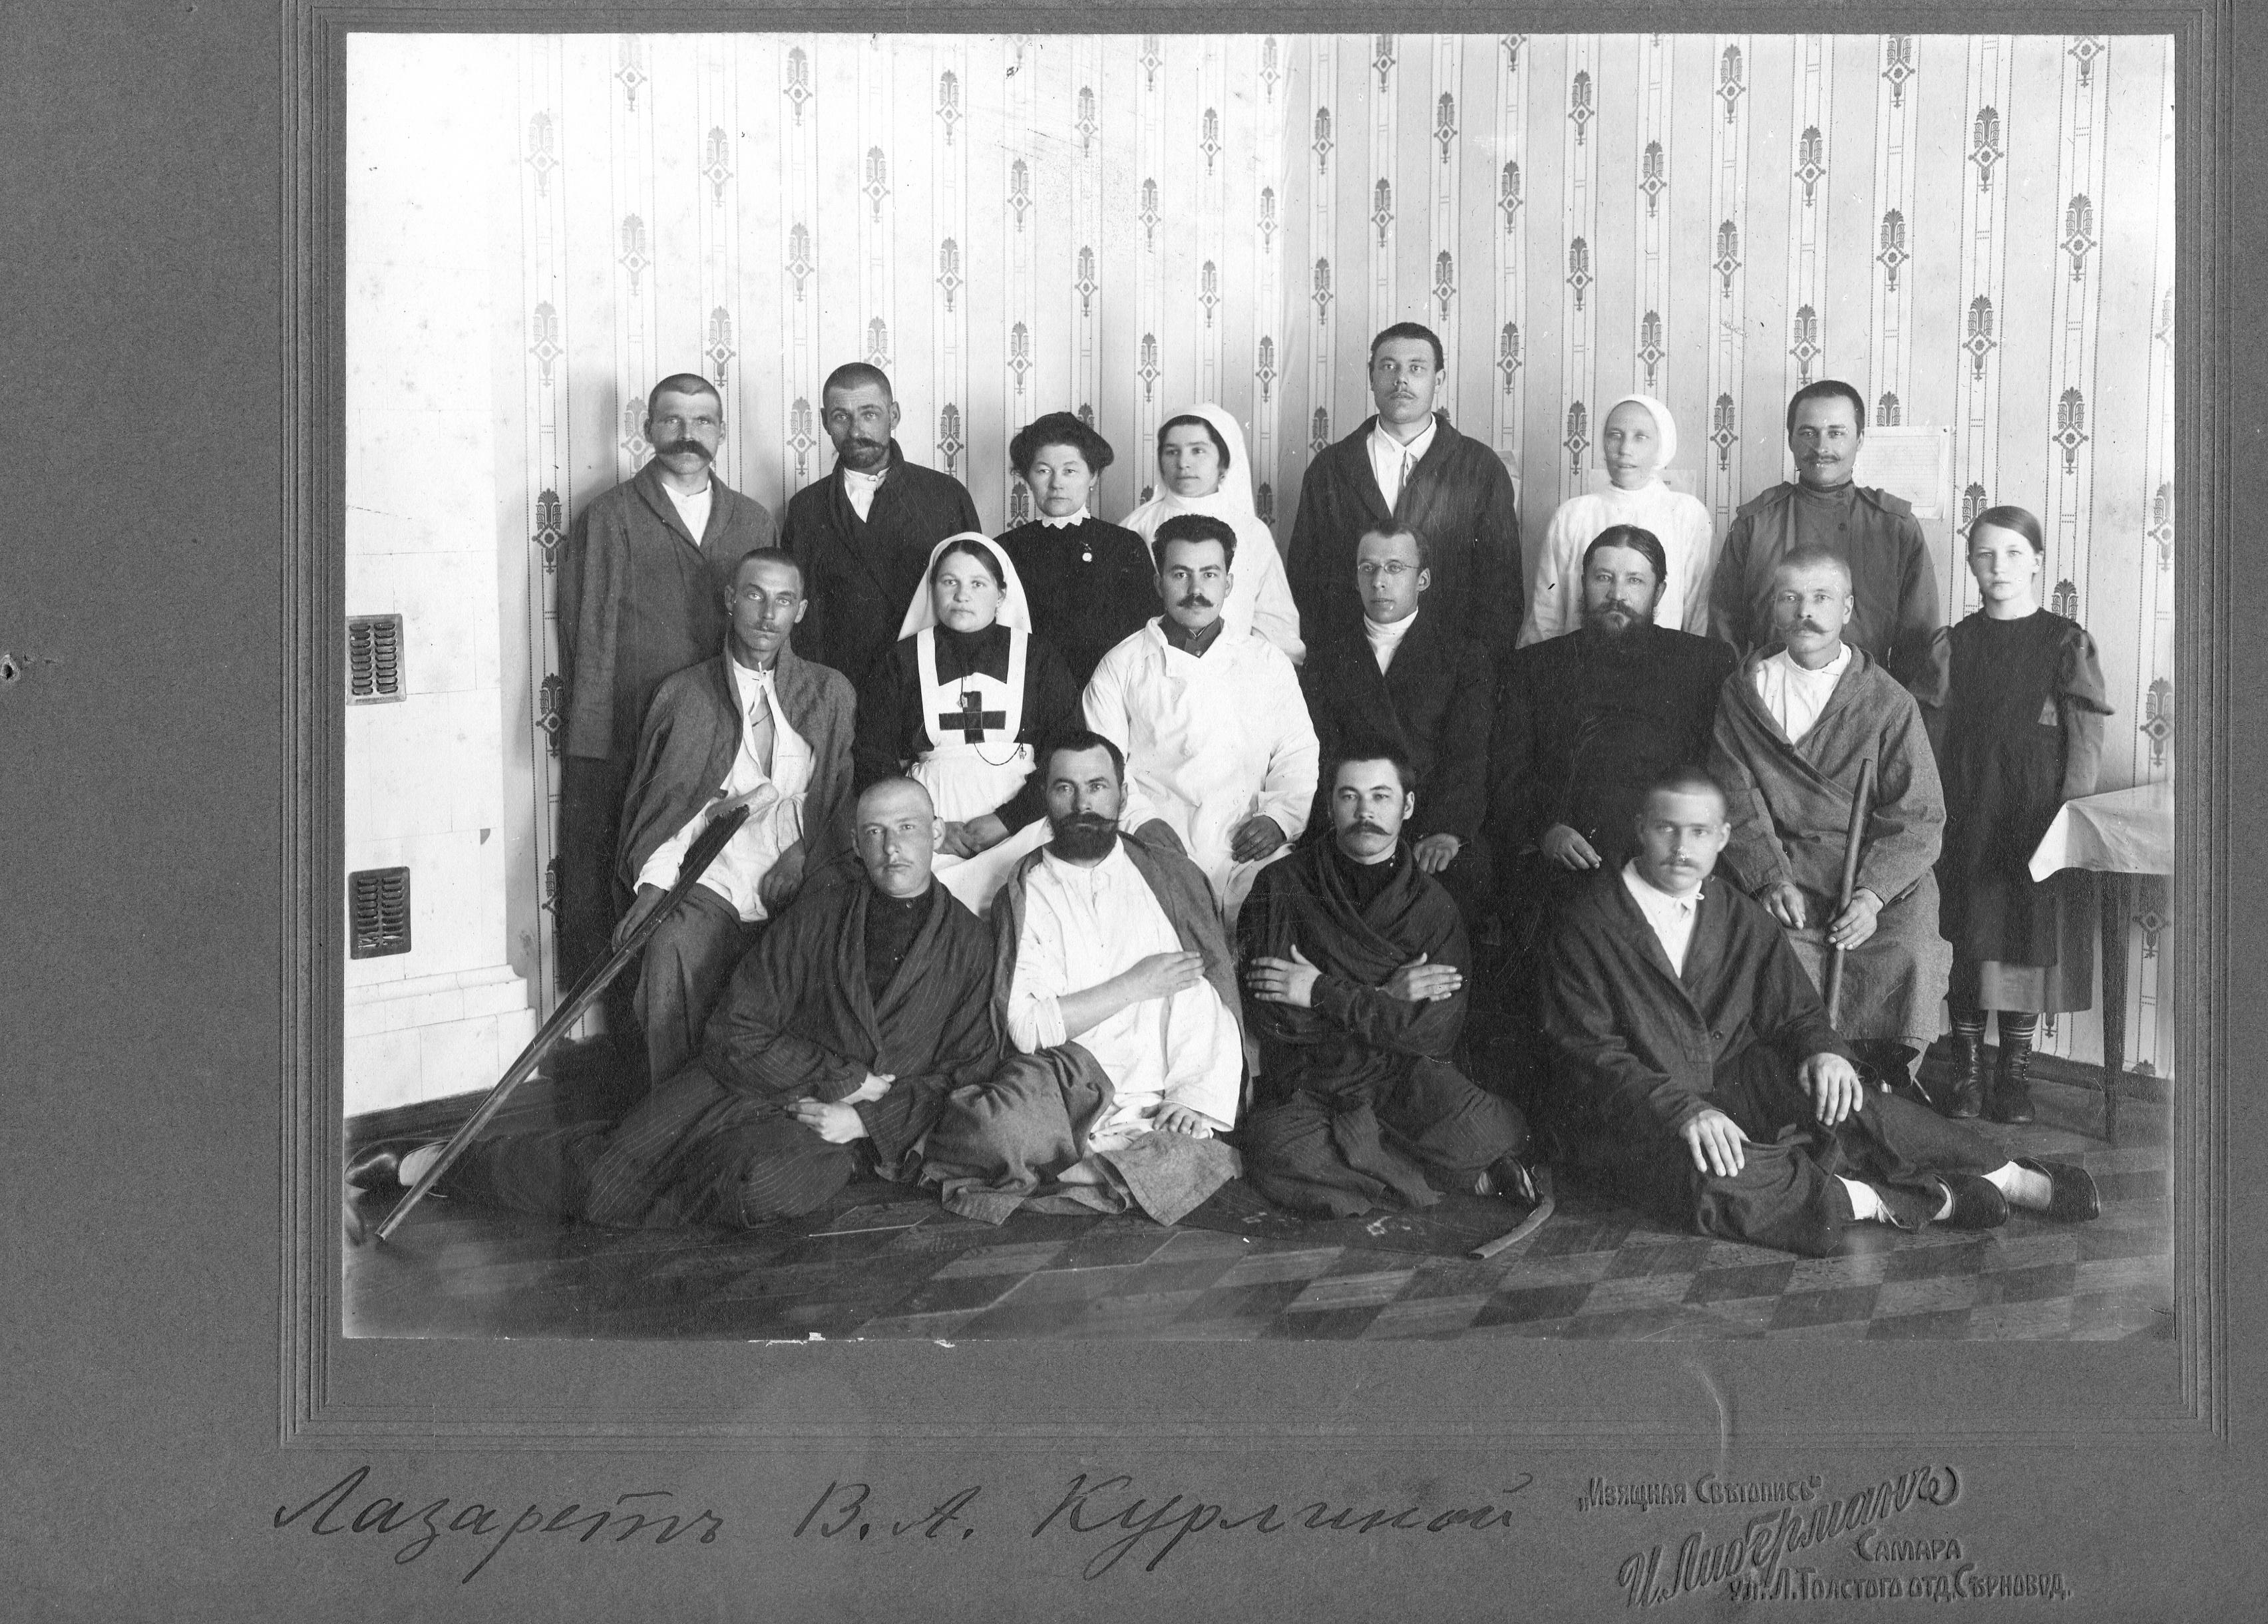 1915. Лазарет В. А. Курлиной. Самара